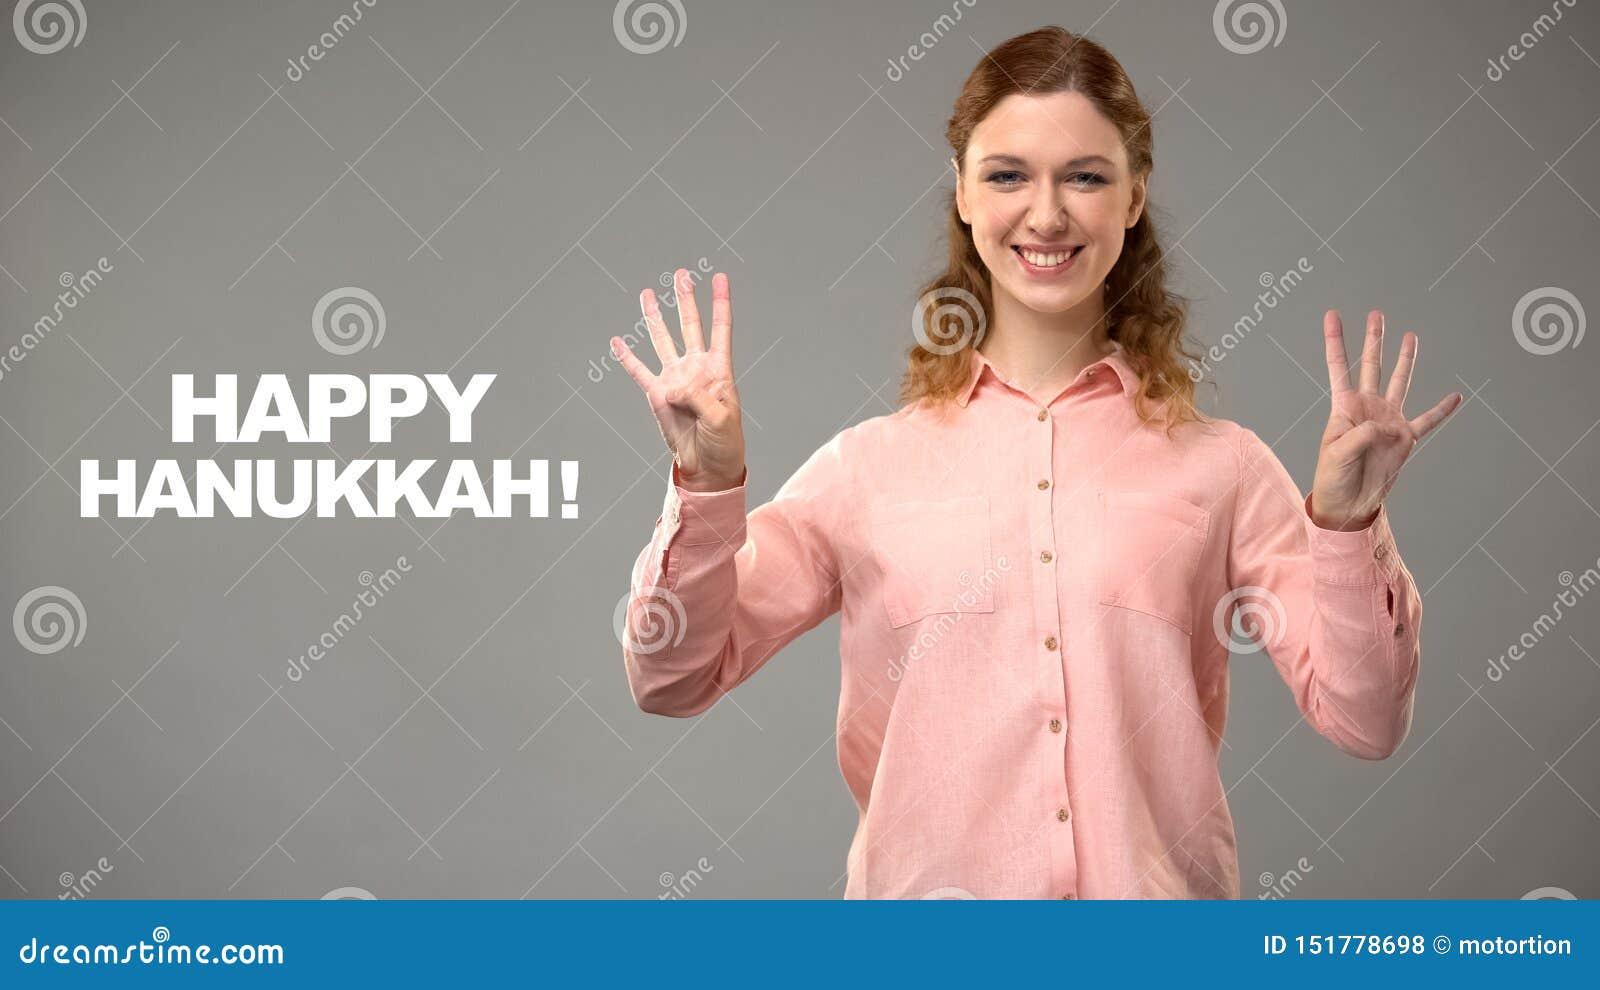 Wijfje die gelukkige hanukkah in gebarentaal, tekst op achtergrond, mededeling zeggen